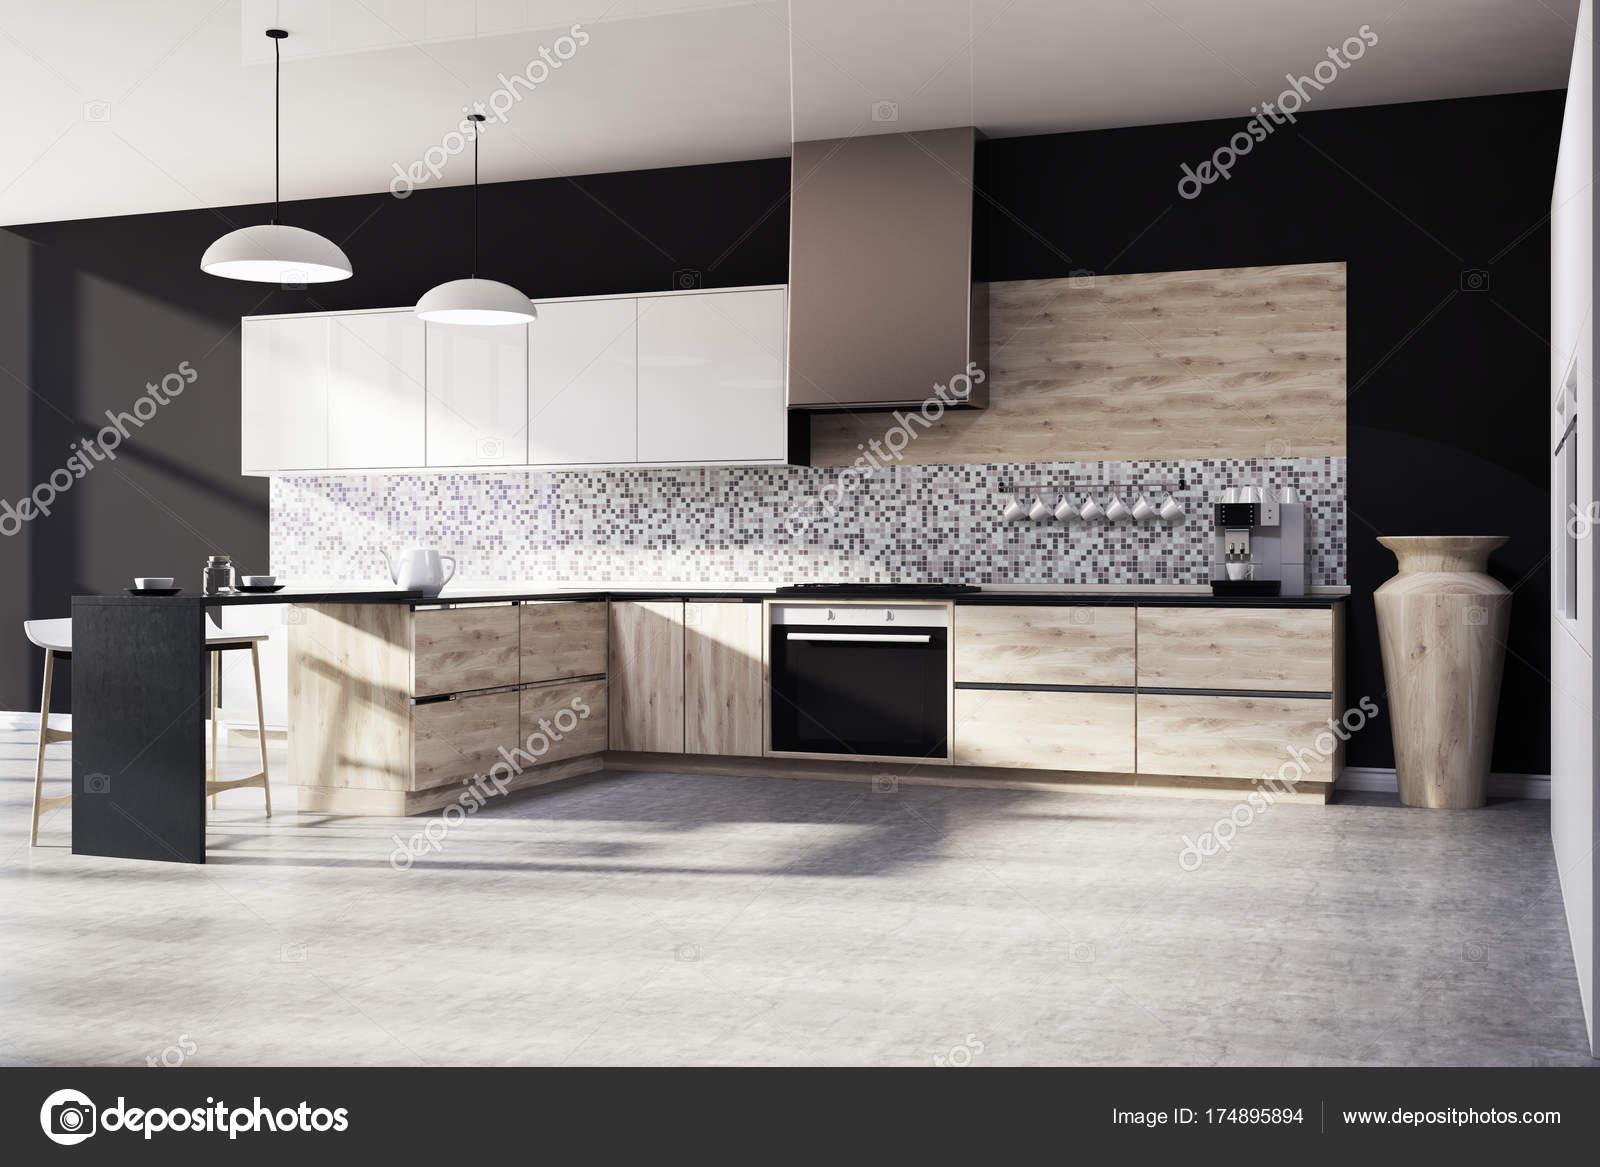 Lato nero del mosaico cucina interni, legno — Foto Stock ...